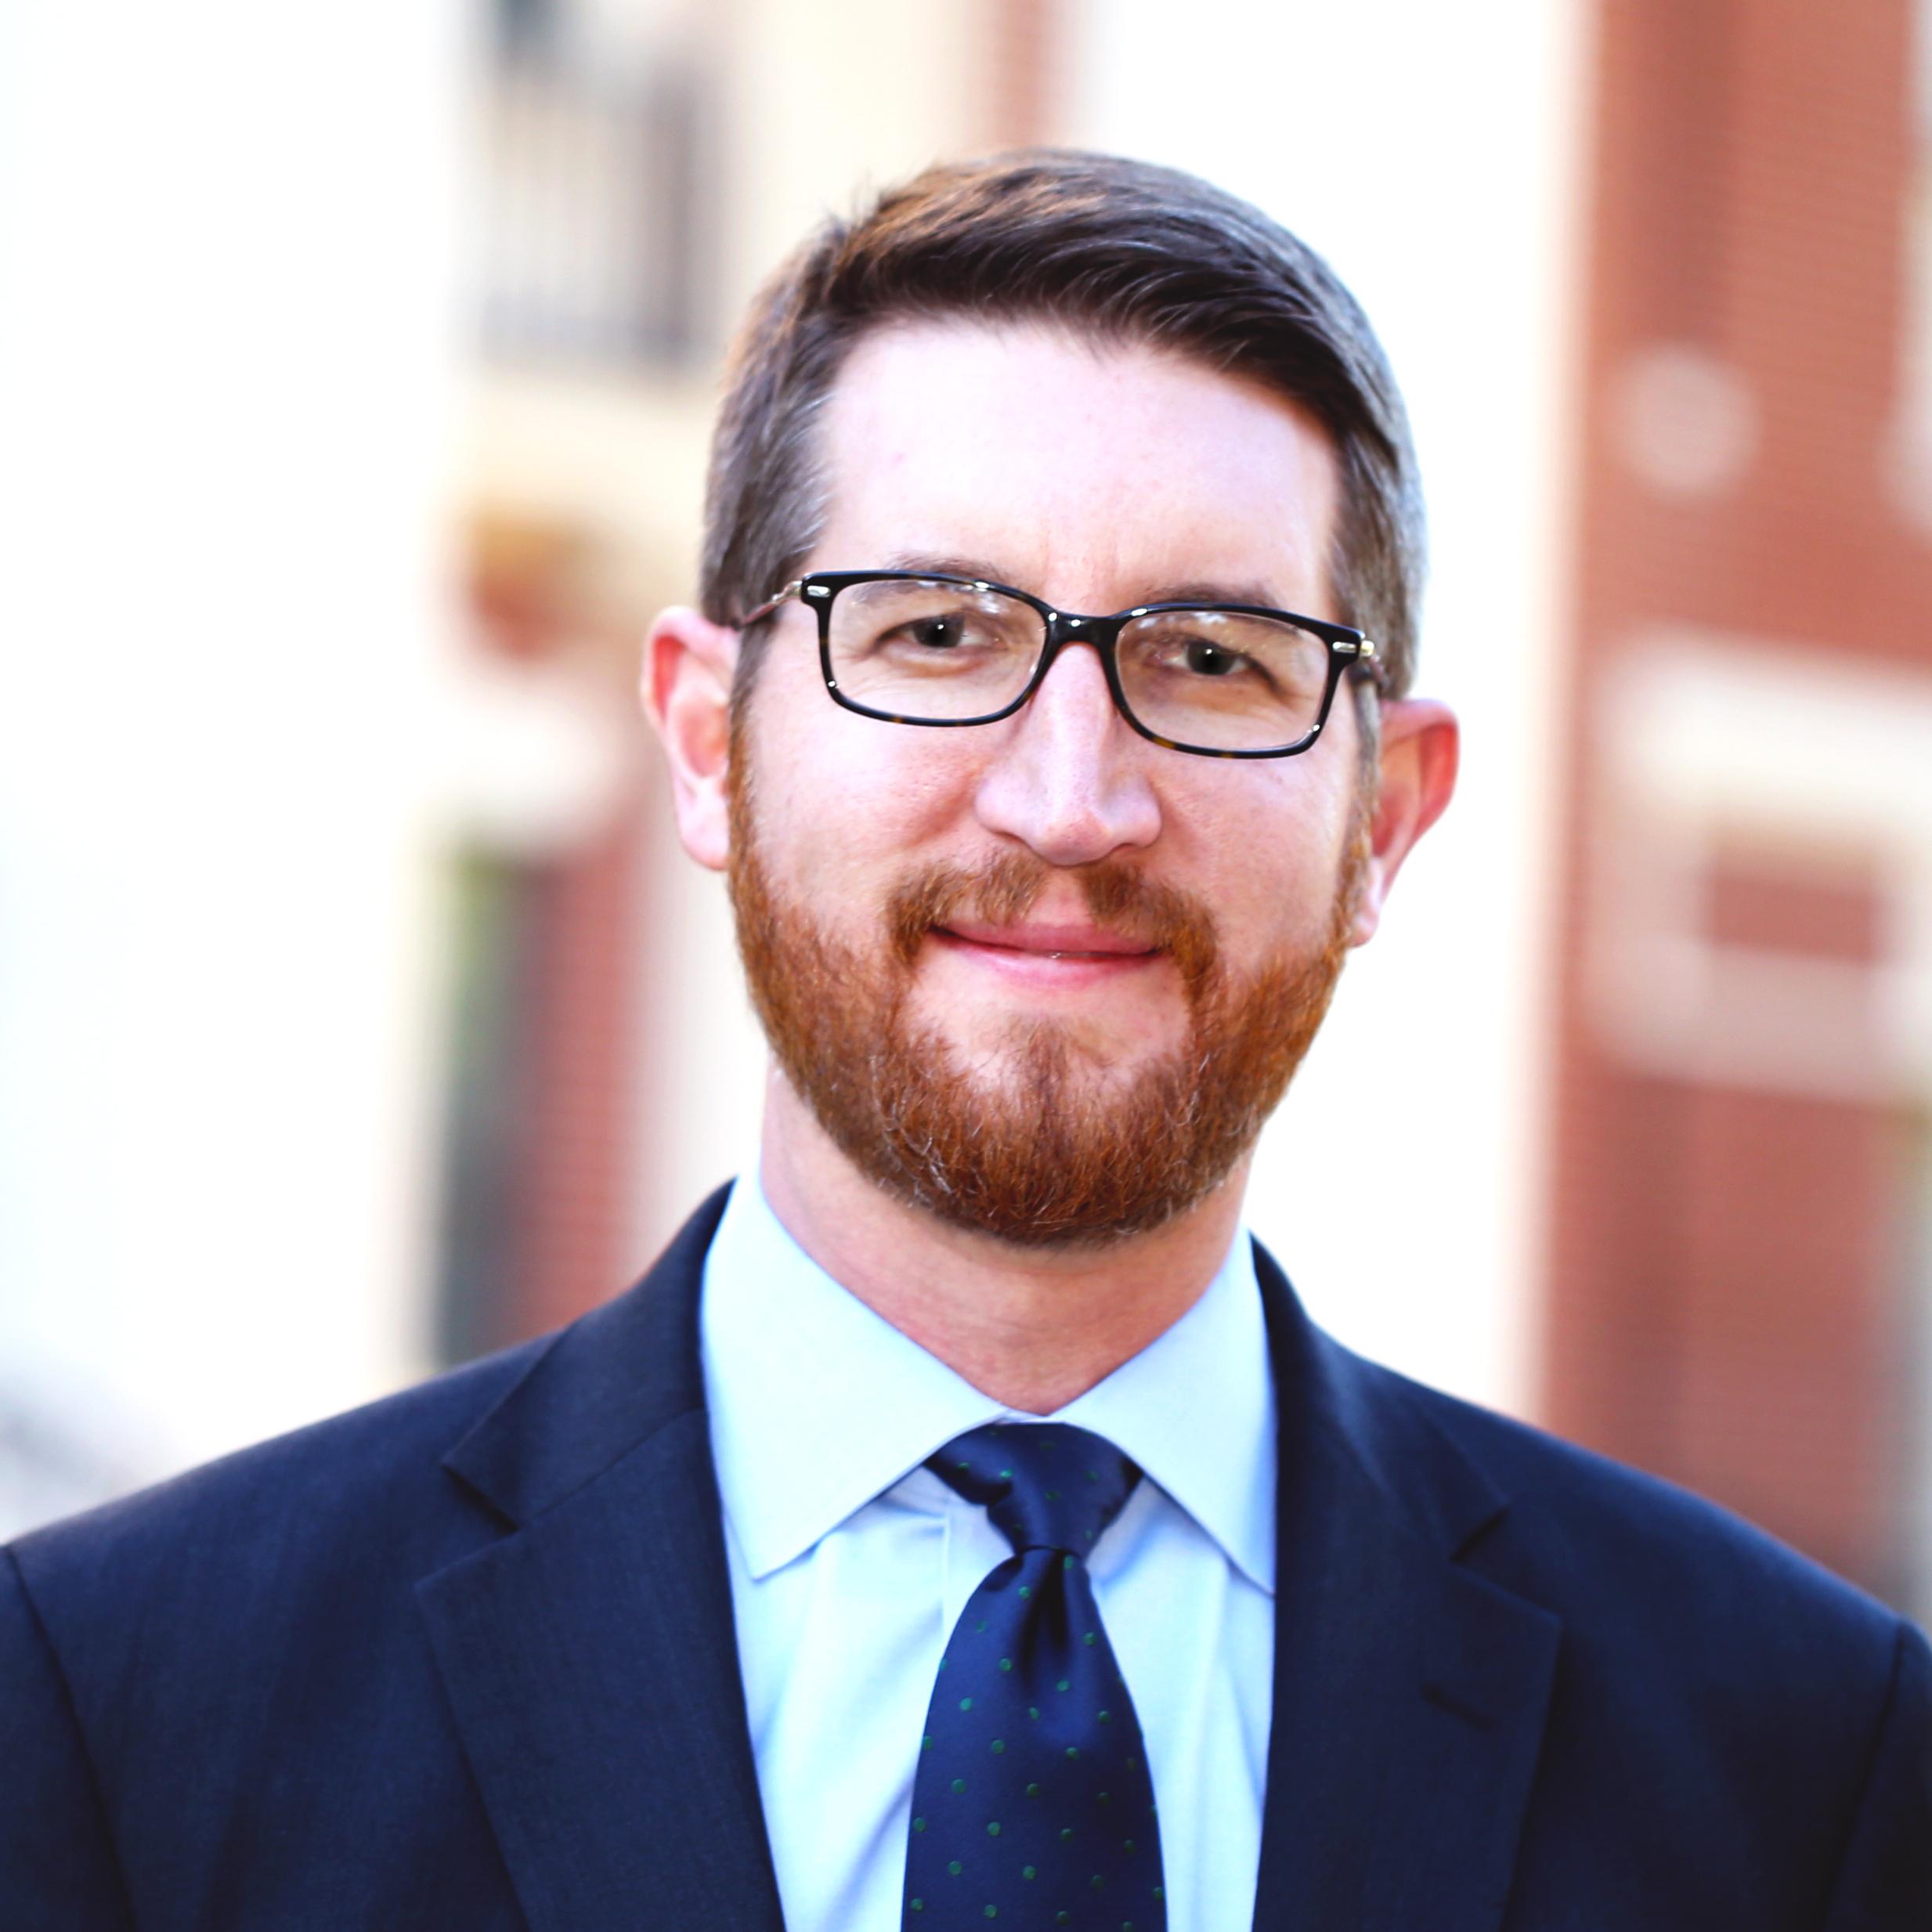 Jeremy K. Everett